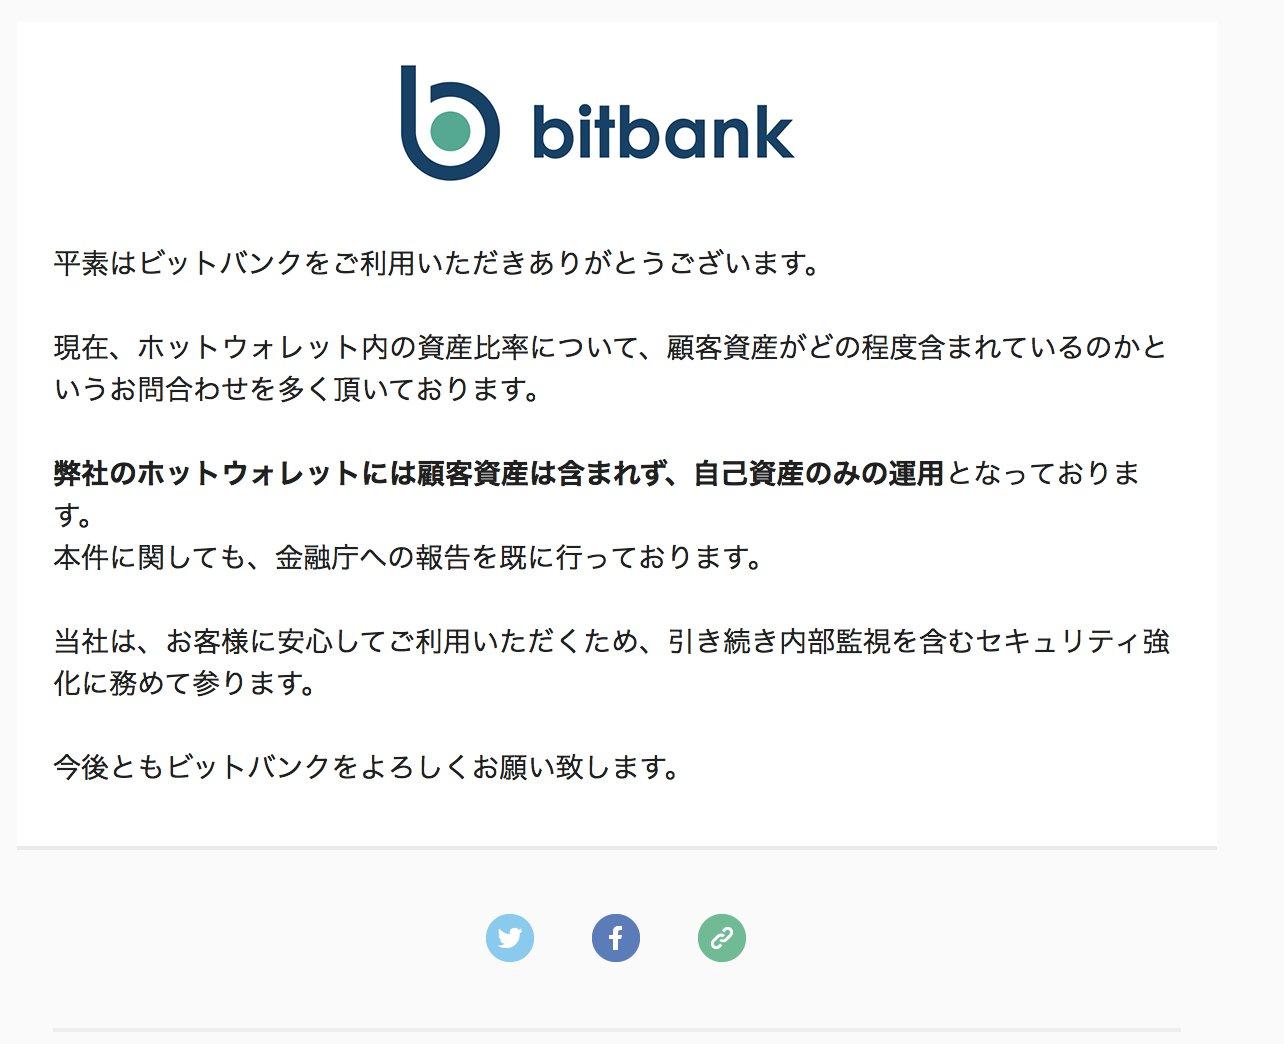 ビットバンクの本人確認書類確認が終わるまでの期間は?(1/30時点)